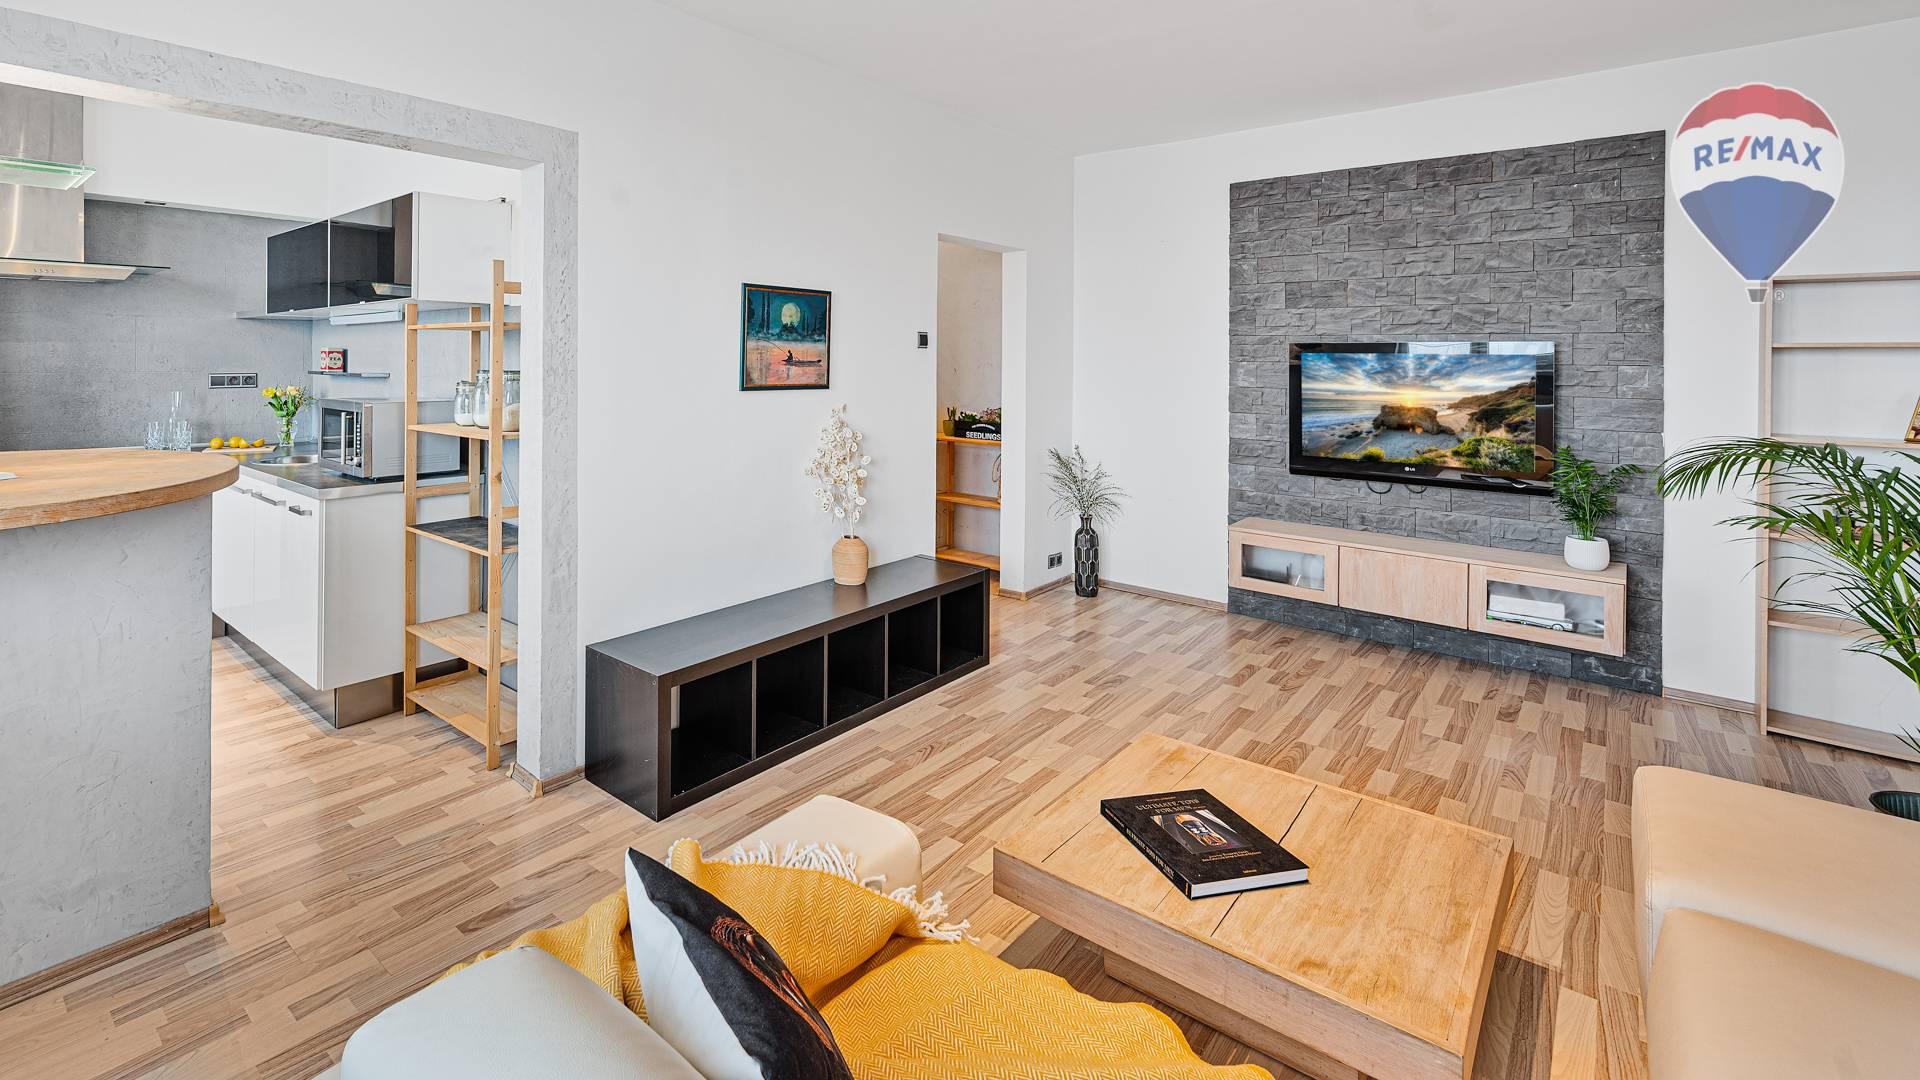 Predaj bytu, 2 izbový svetlý zariadený byt, Bratislava-Ružinov